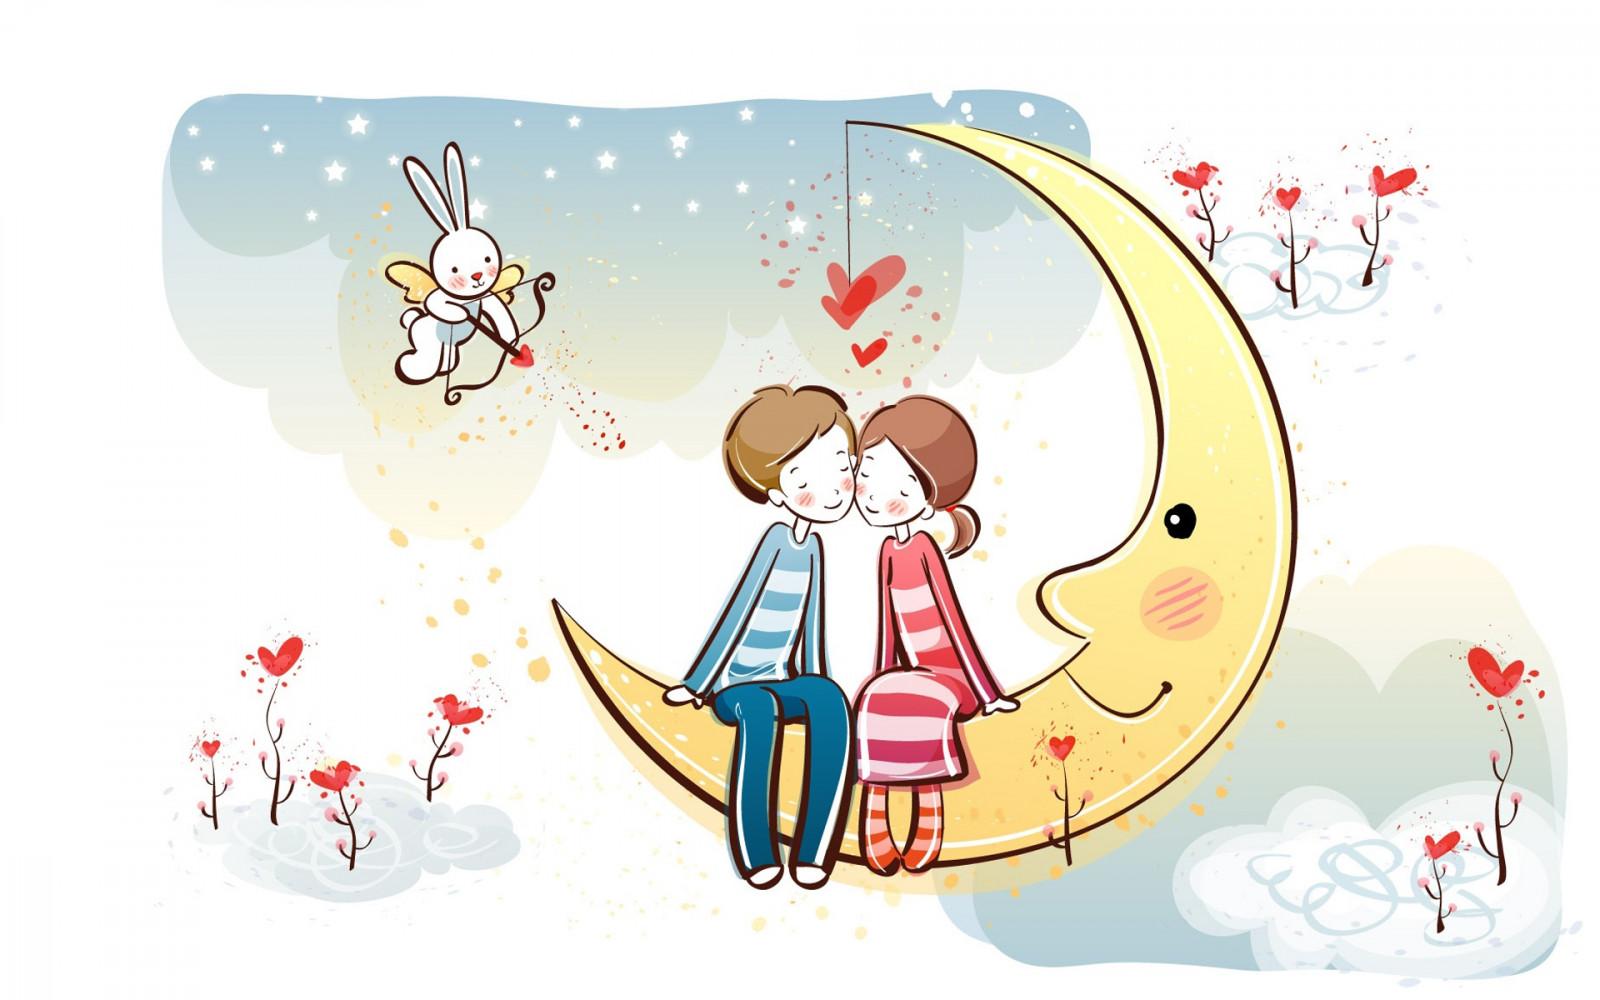 Wallpaper : ilustrasi, cinta, Bulan, gambar kartun, orang-orangan